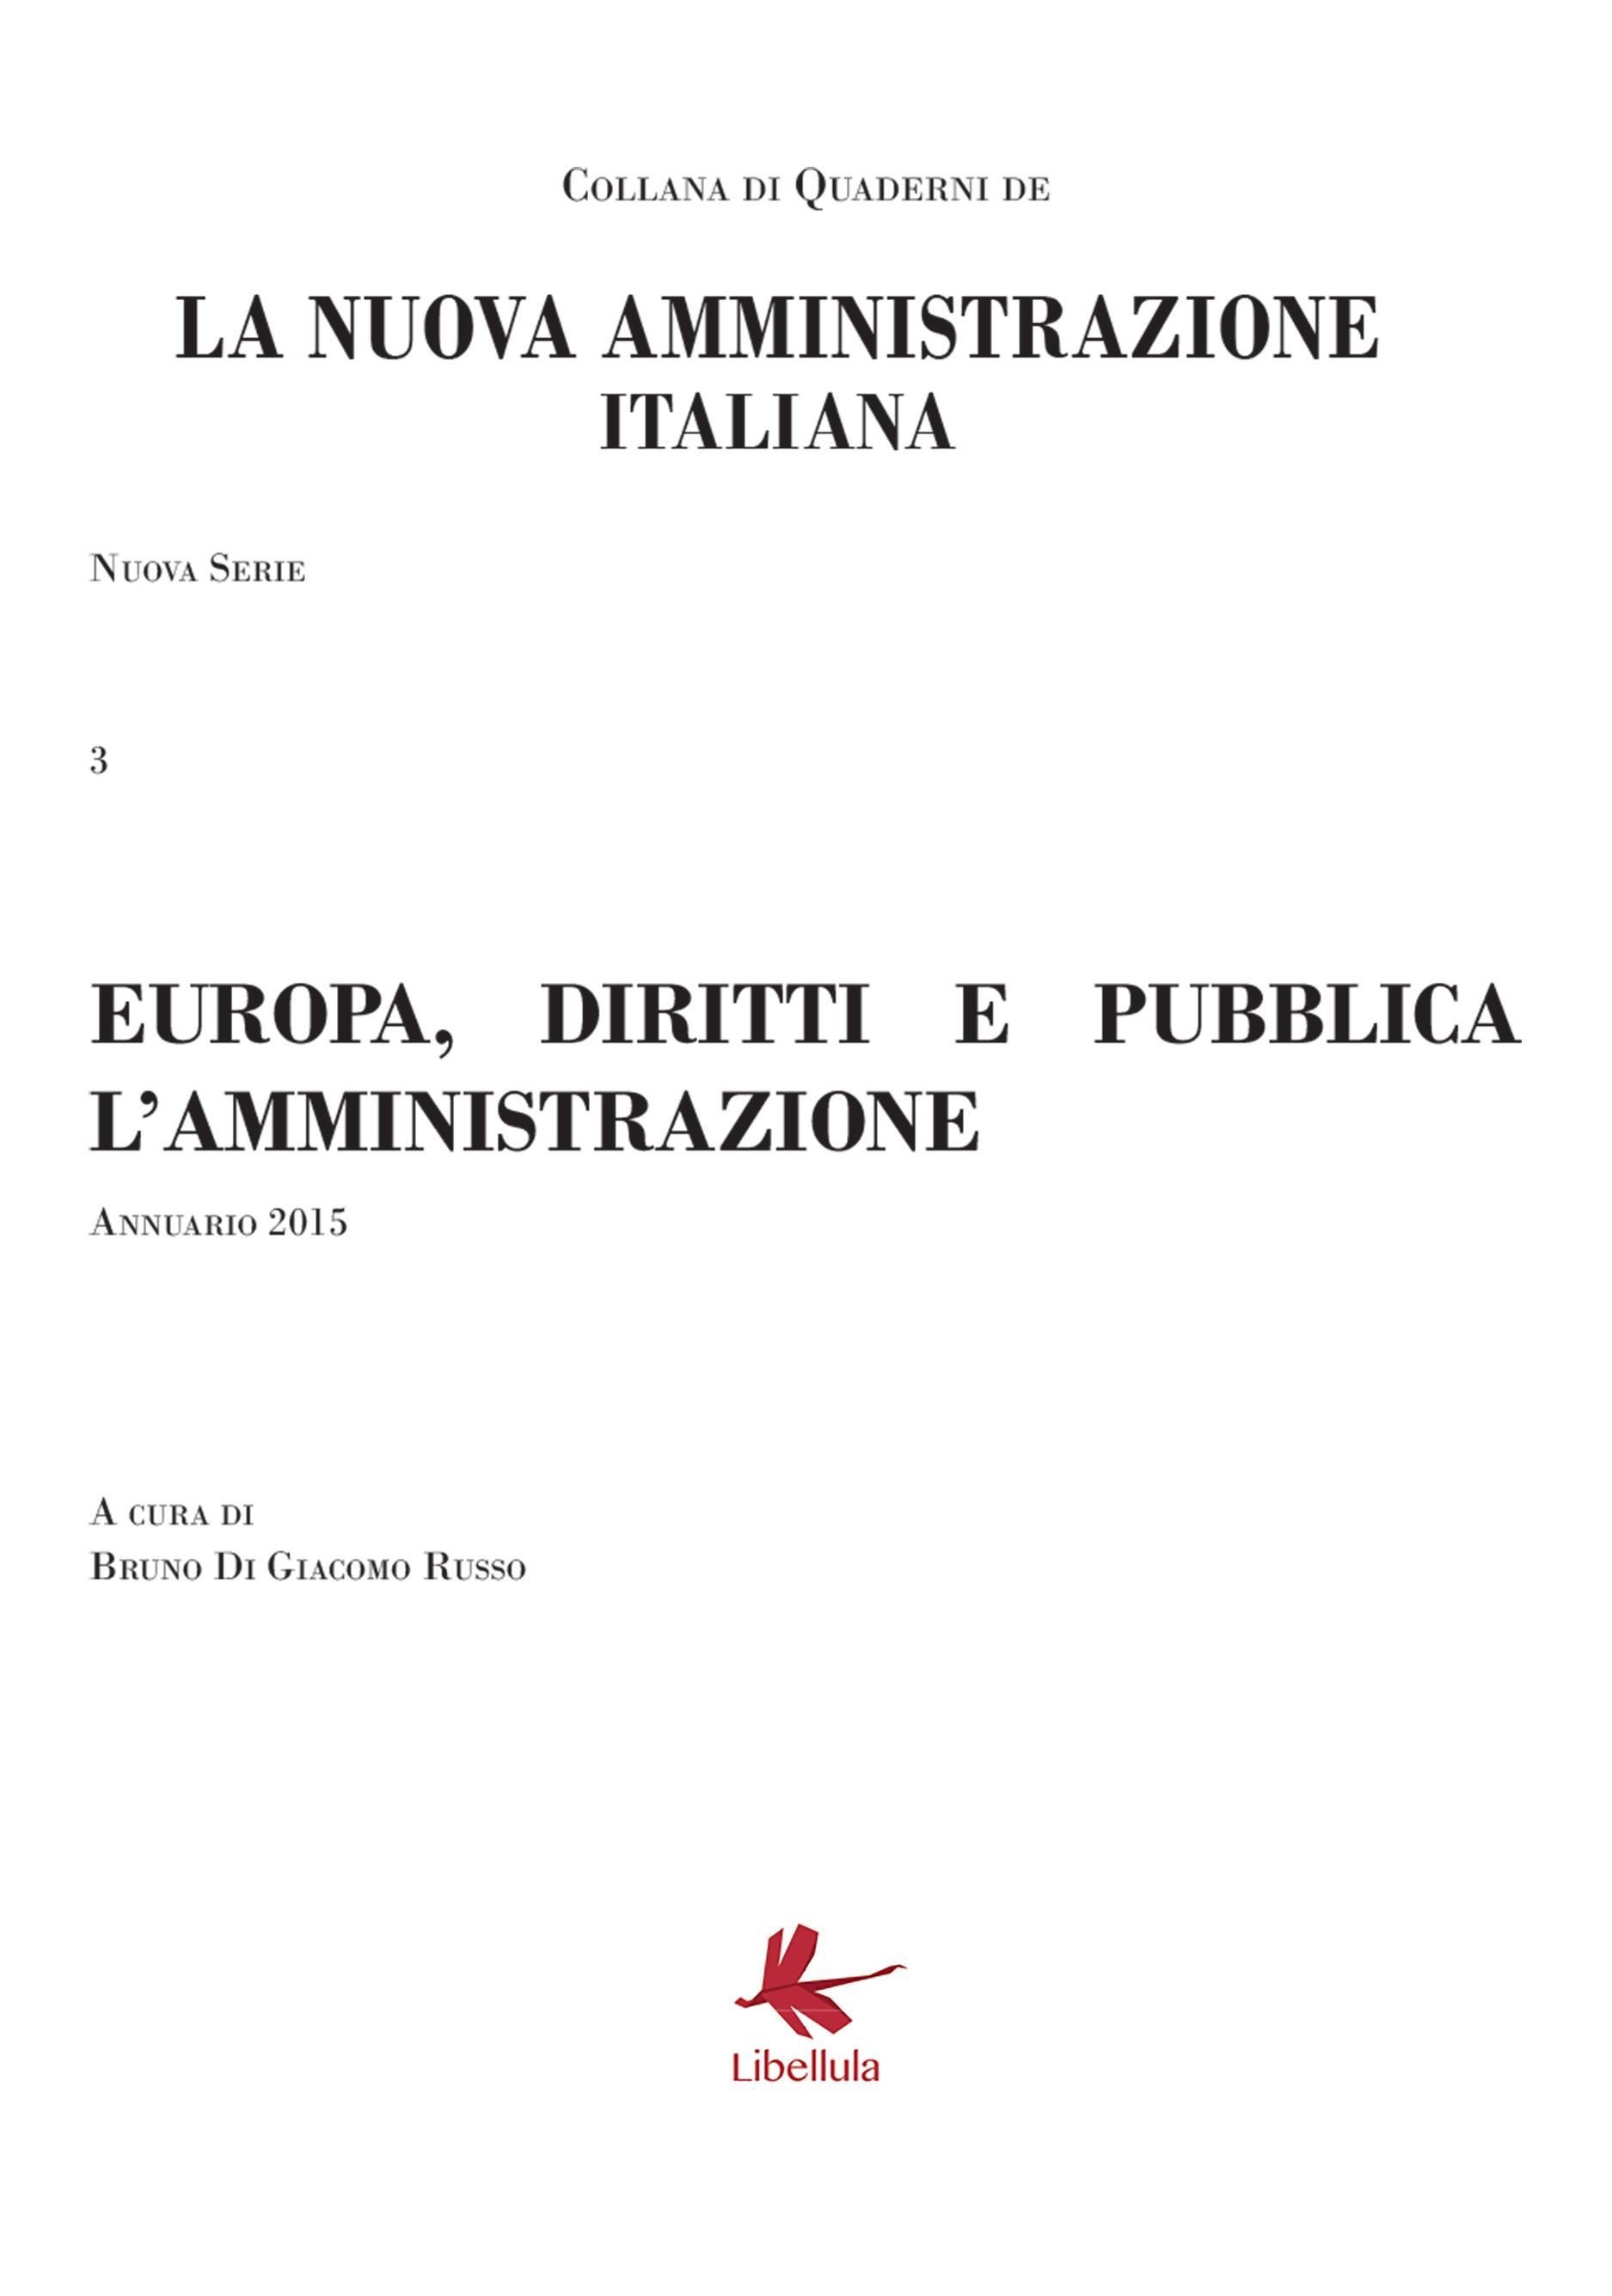 Europa, diritti e pubblica amministrazione. Terzo Volume della Collana della Nuova Amministrazione italiana